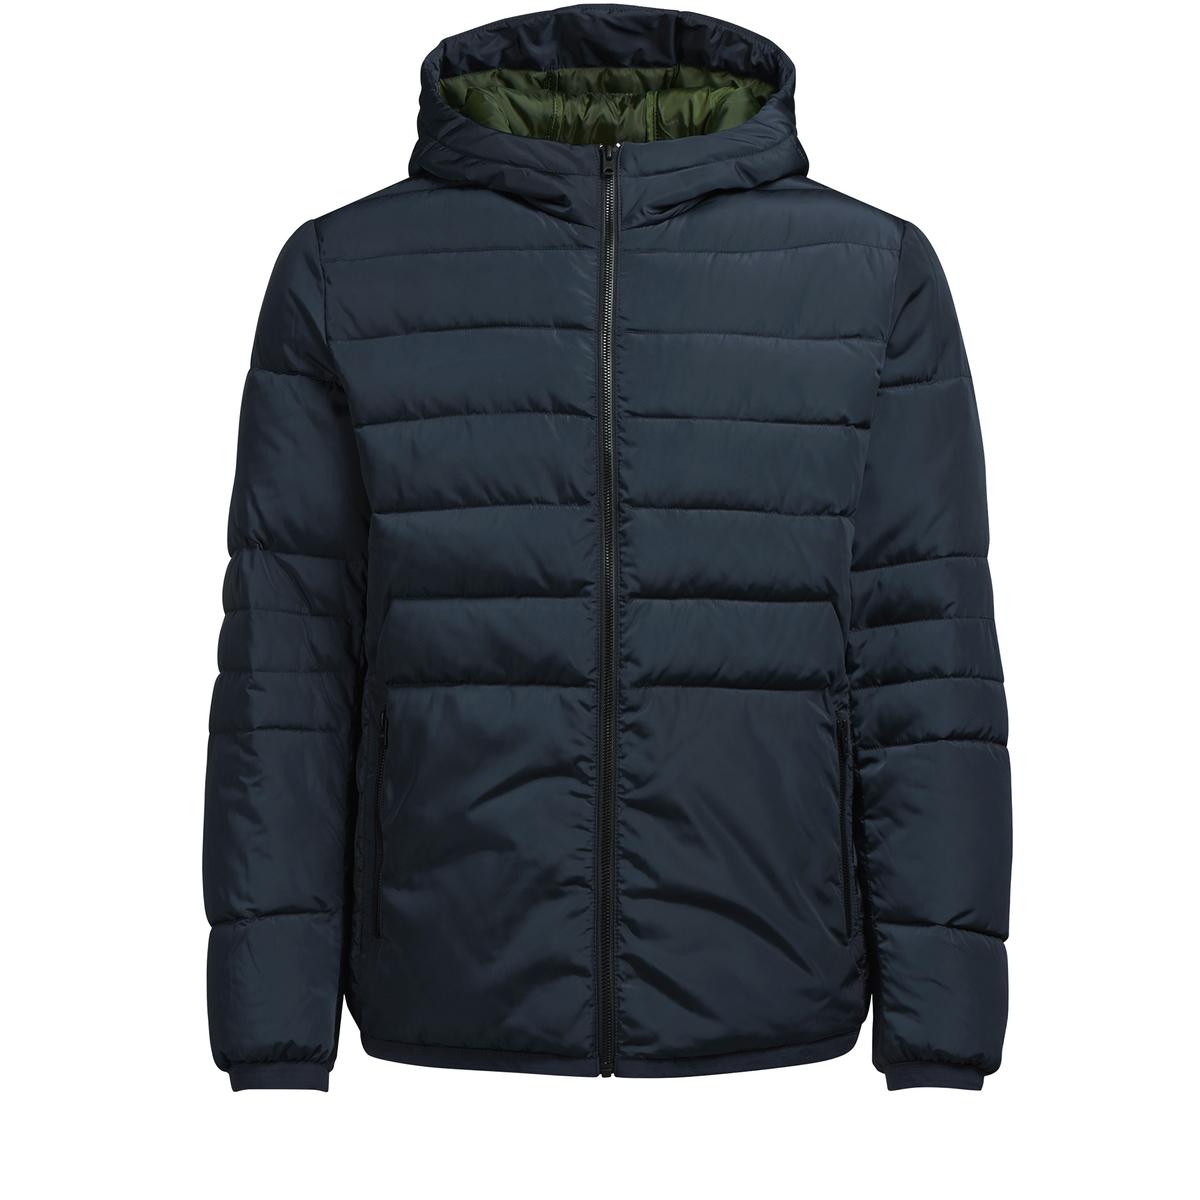 Куртка стеганаяДетали •  Длина : укороченная   •  Капюшон  •  Застежка на молниюСостав и уход •  100% полиэстер •  Следуйте советам по уходу, указанным на этикетке<br><br>Цвет: синий морской,черный<br>Размер: XL.L.XL.L.M